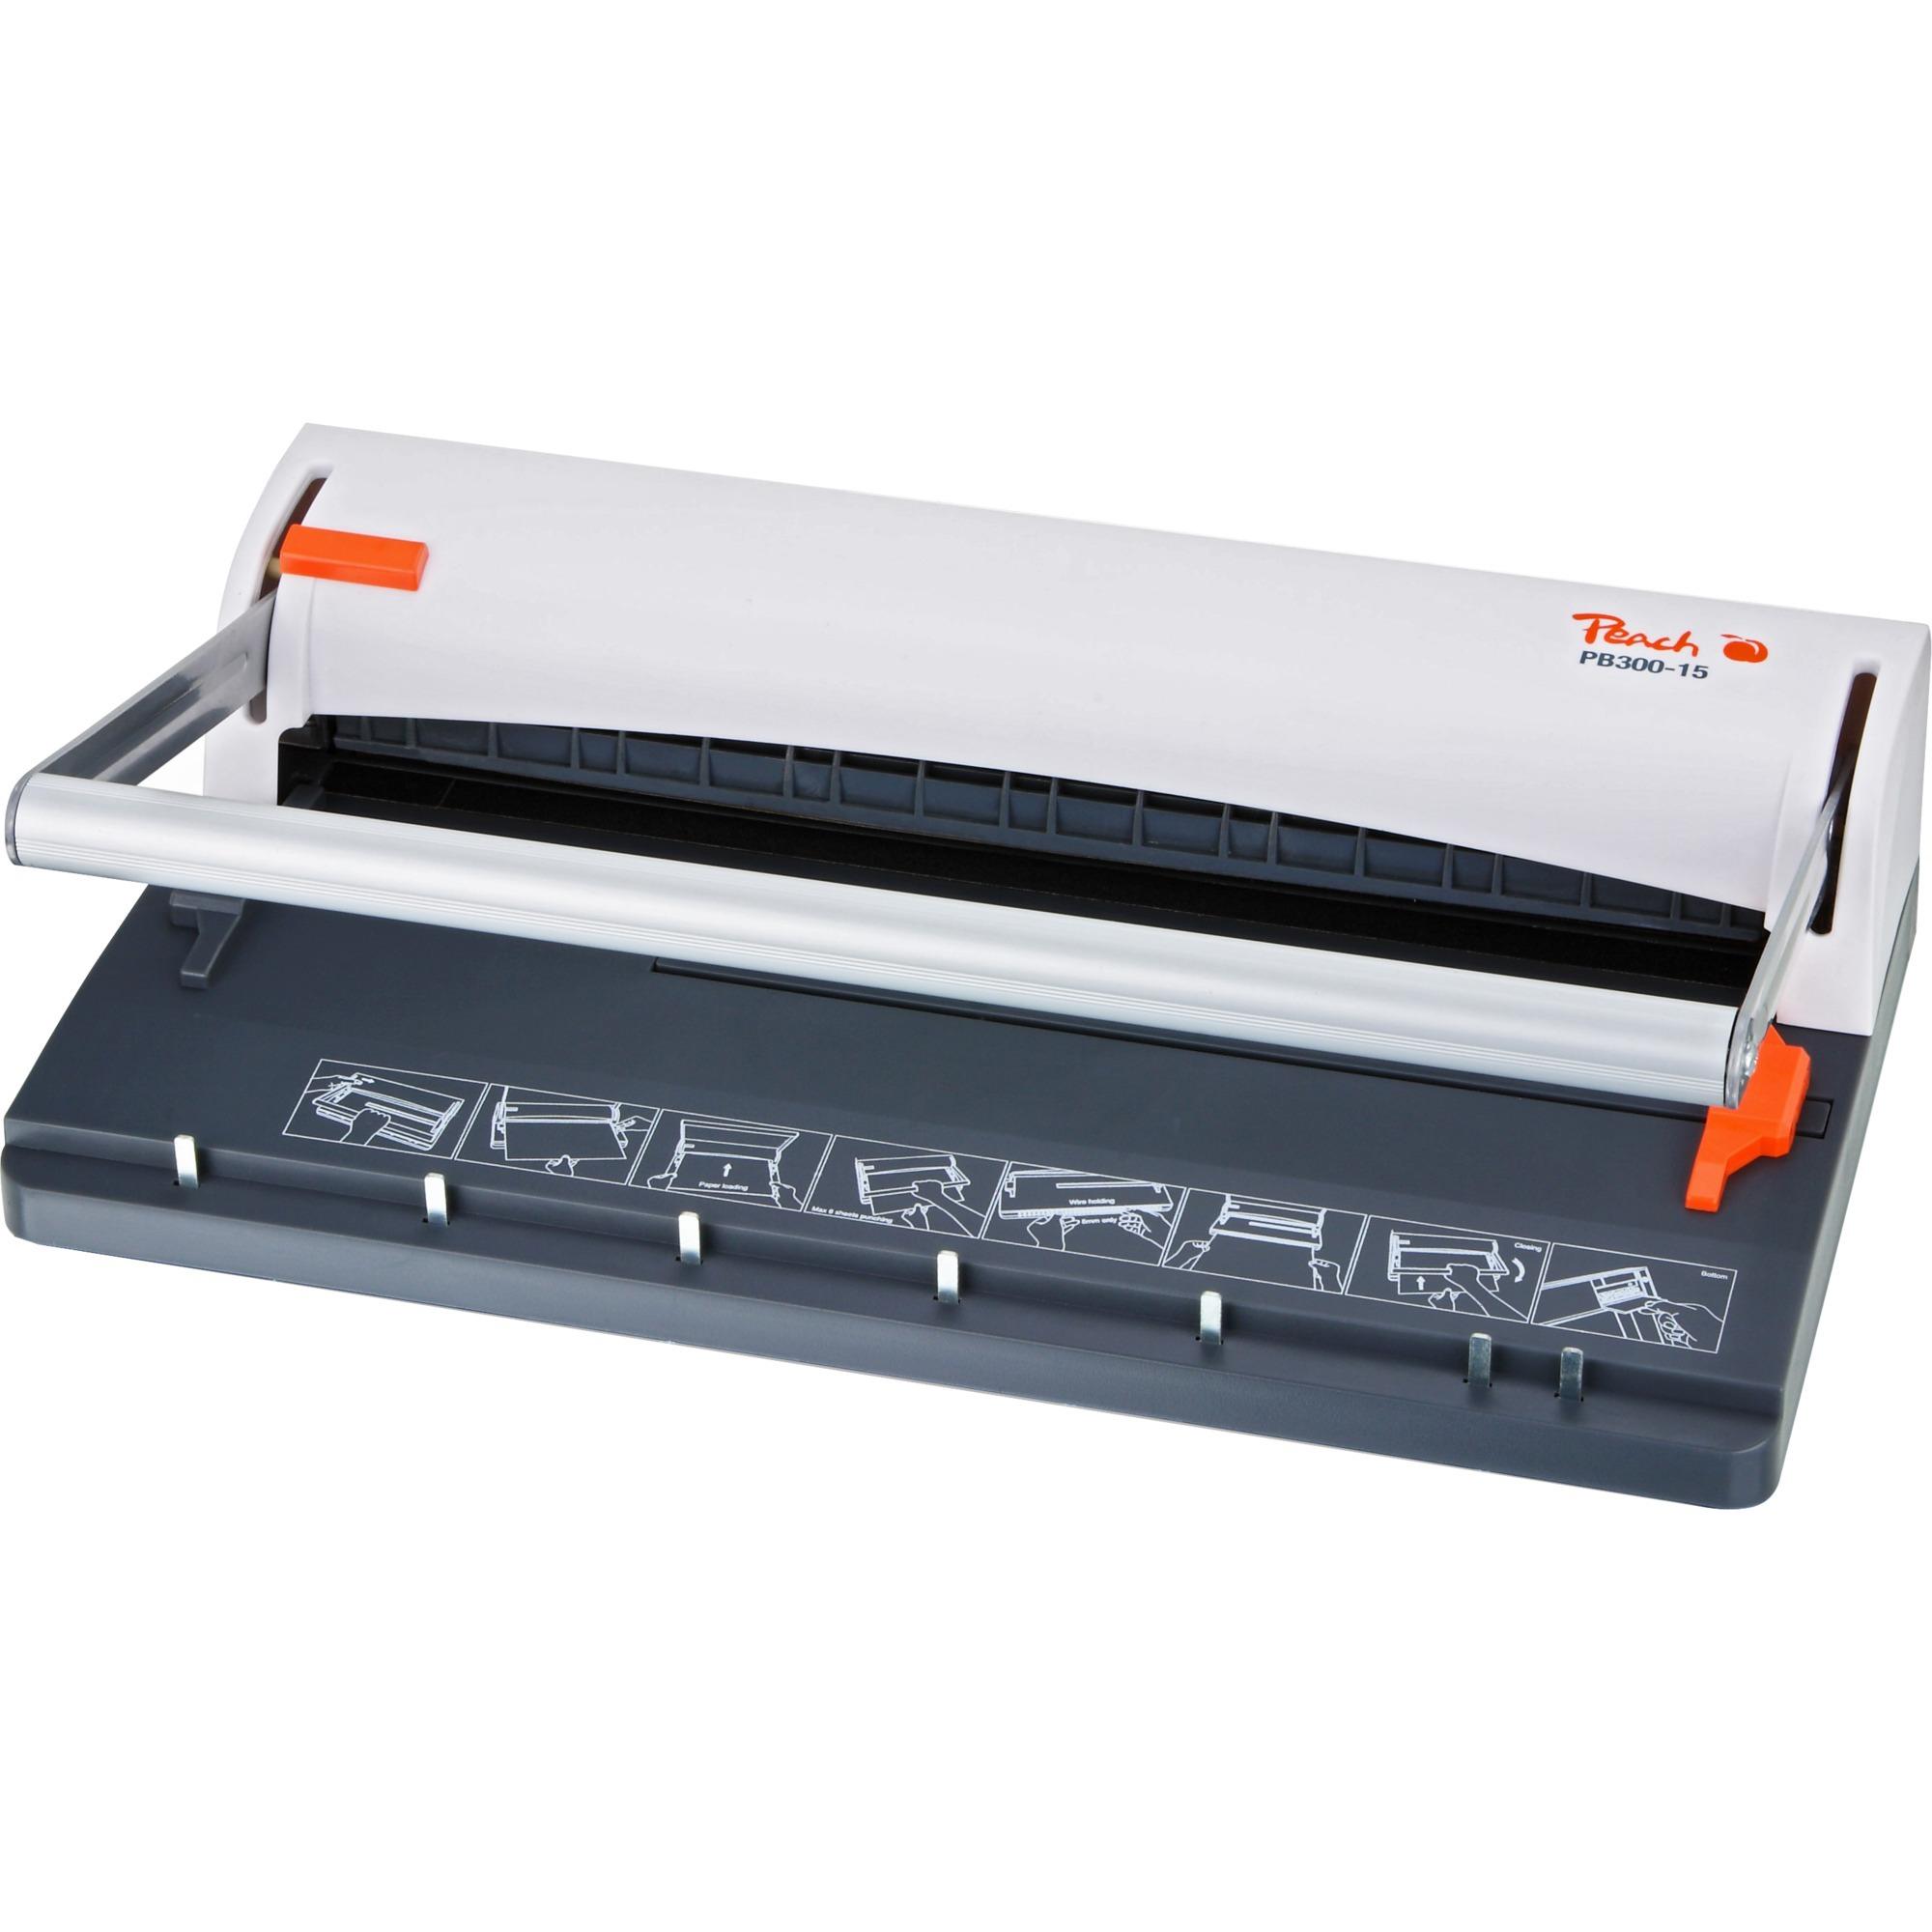 PB300-15 Wire binding machine 60hojas Negro, Blanco máquina de encuadernación, Encuadernadora